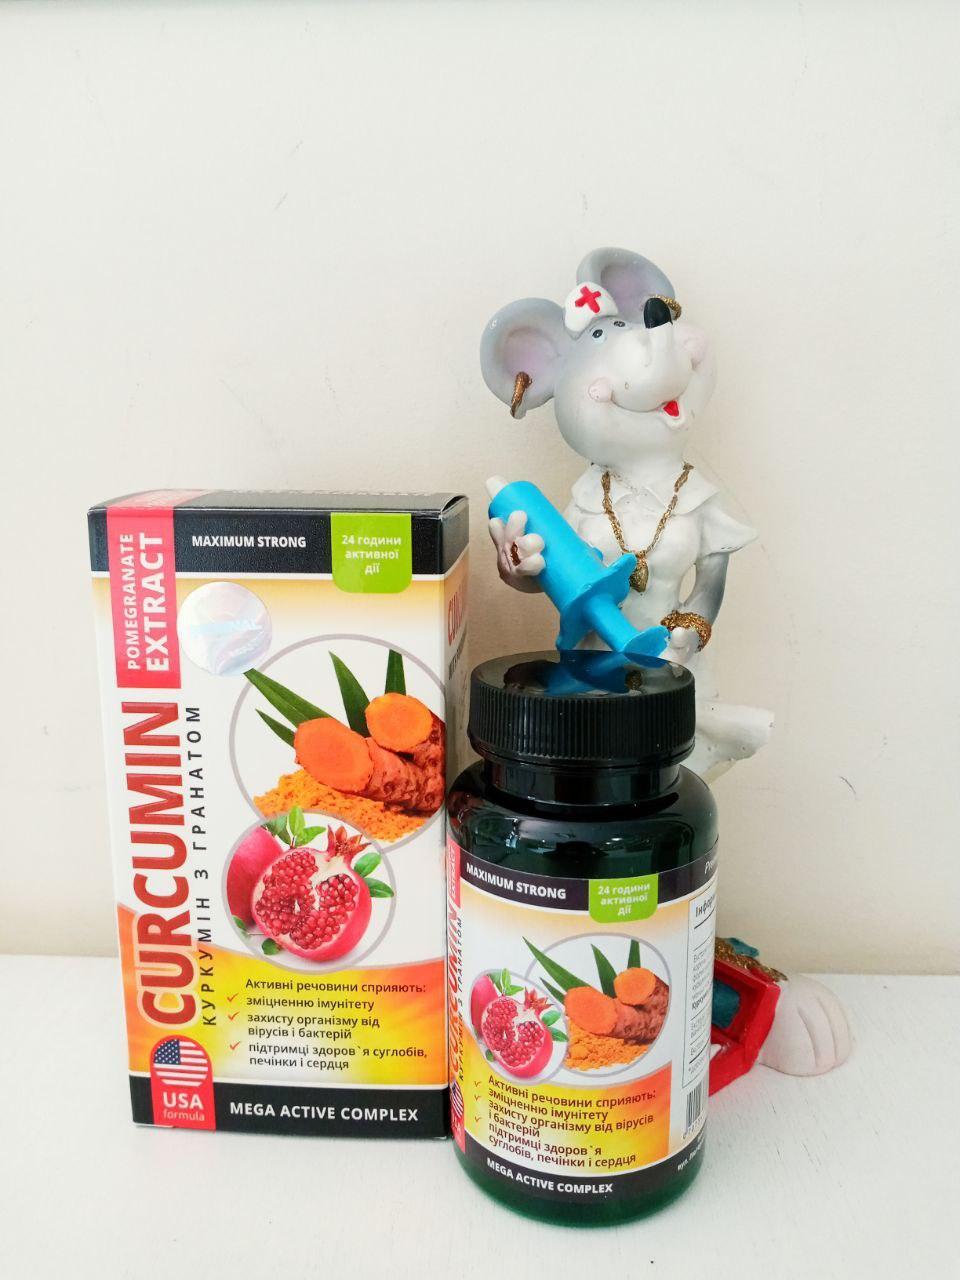 БАД Куркумин производства США для укрепления иммунитета и защиты организма от вирусов